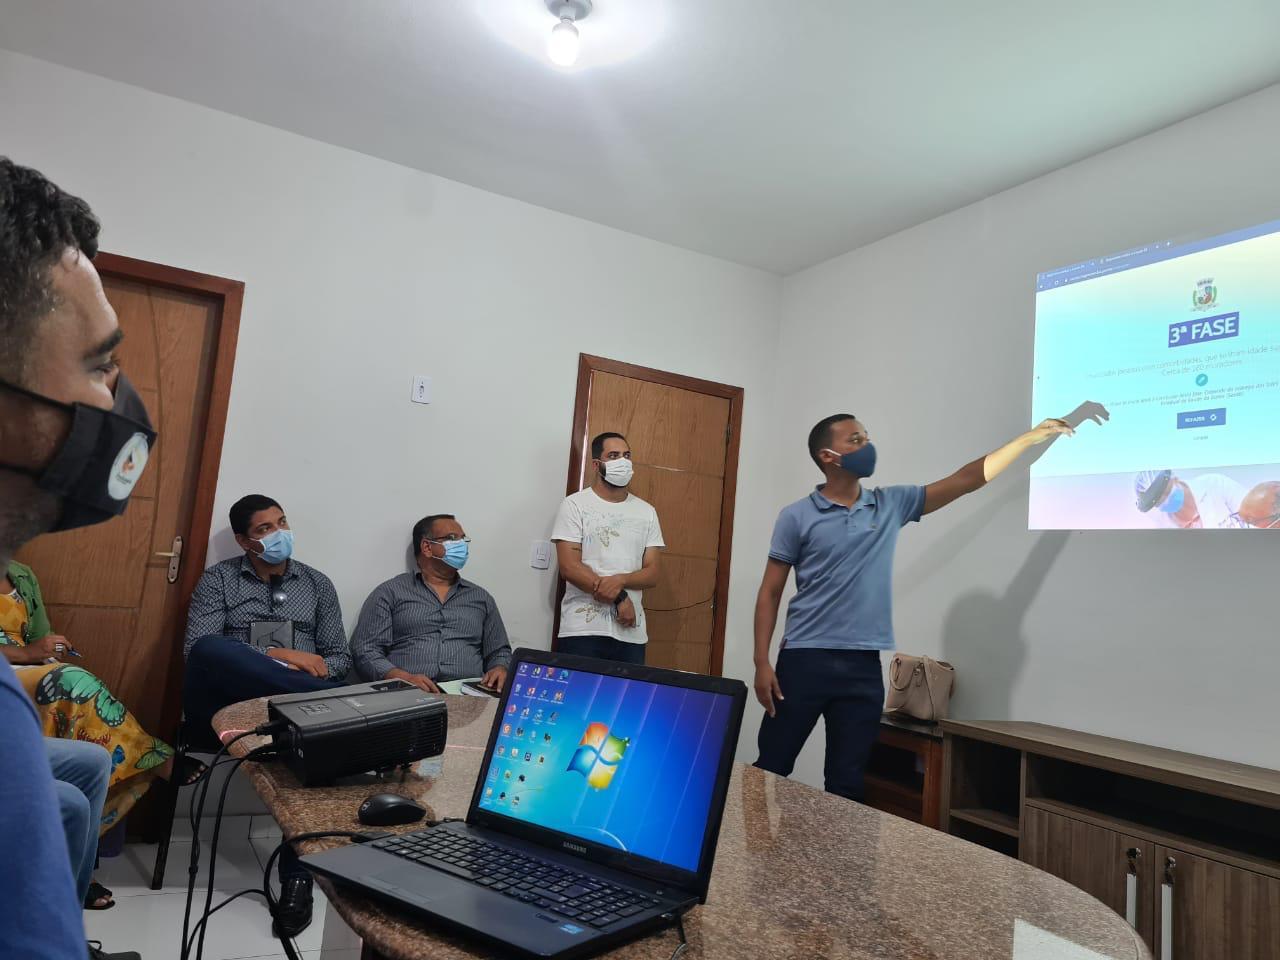 COVID-19: Itagimirim lança plataforma online pioneira no estado 24